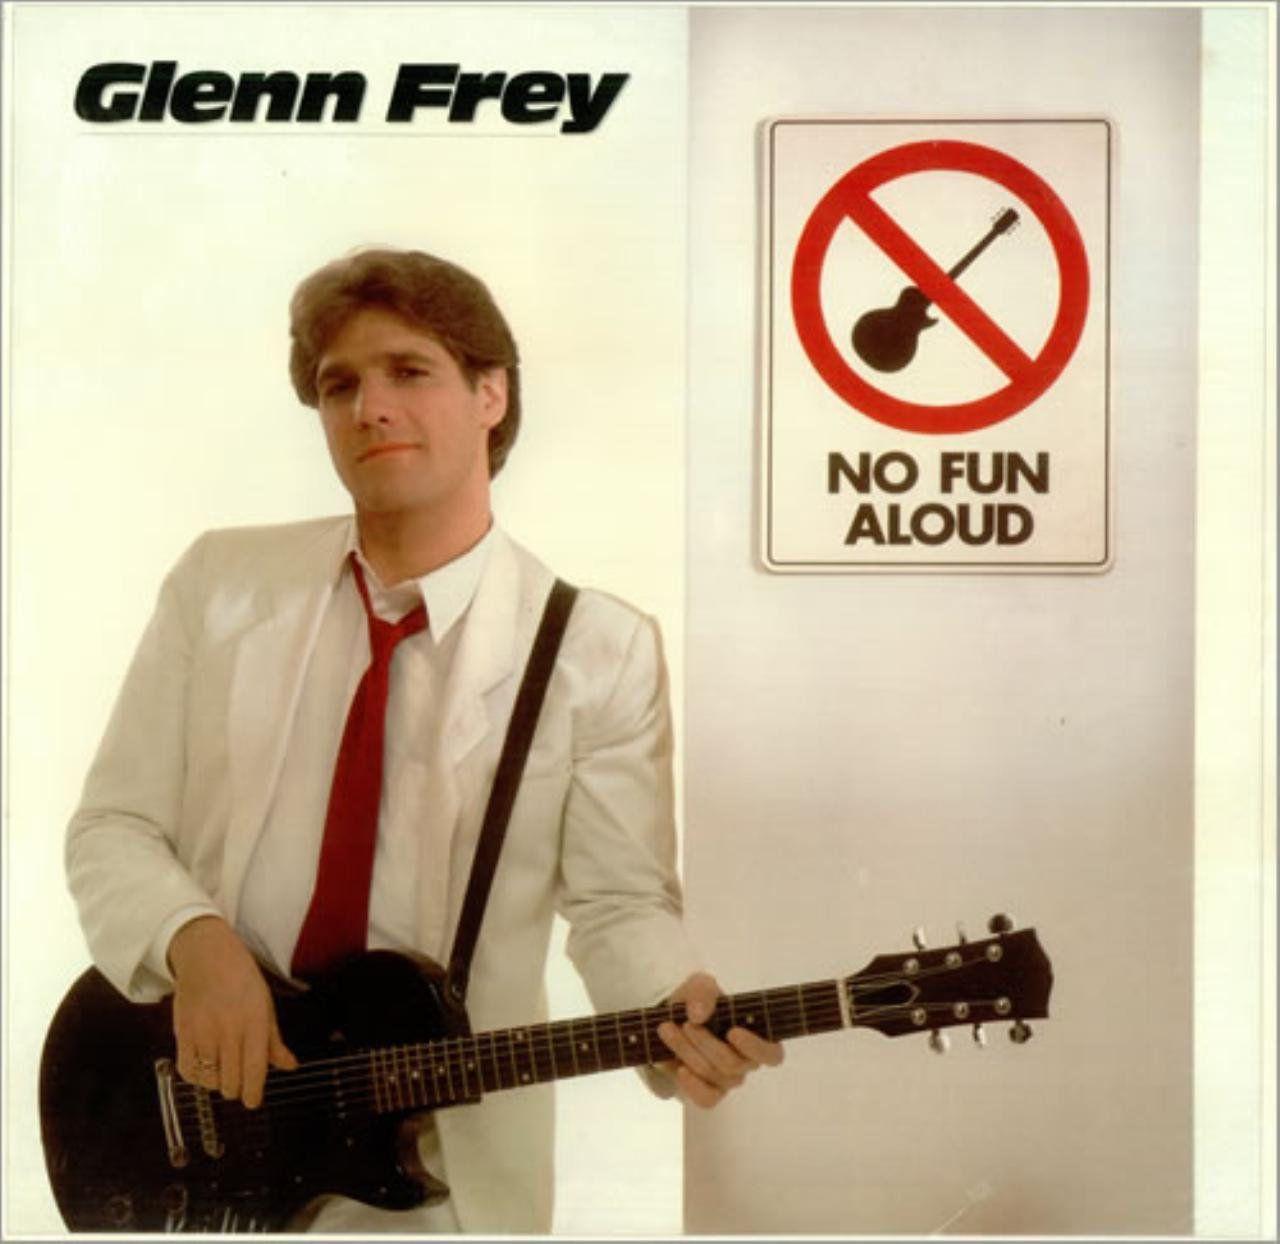 Glenn Frey No Fun Aloud